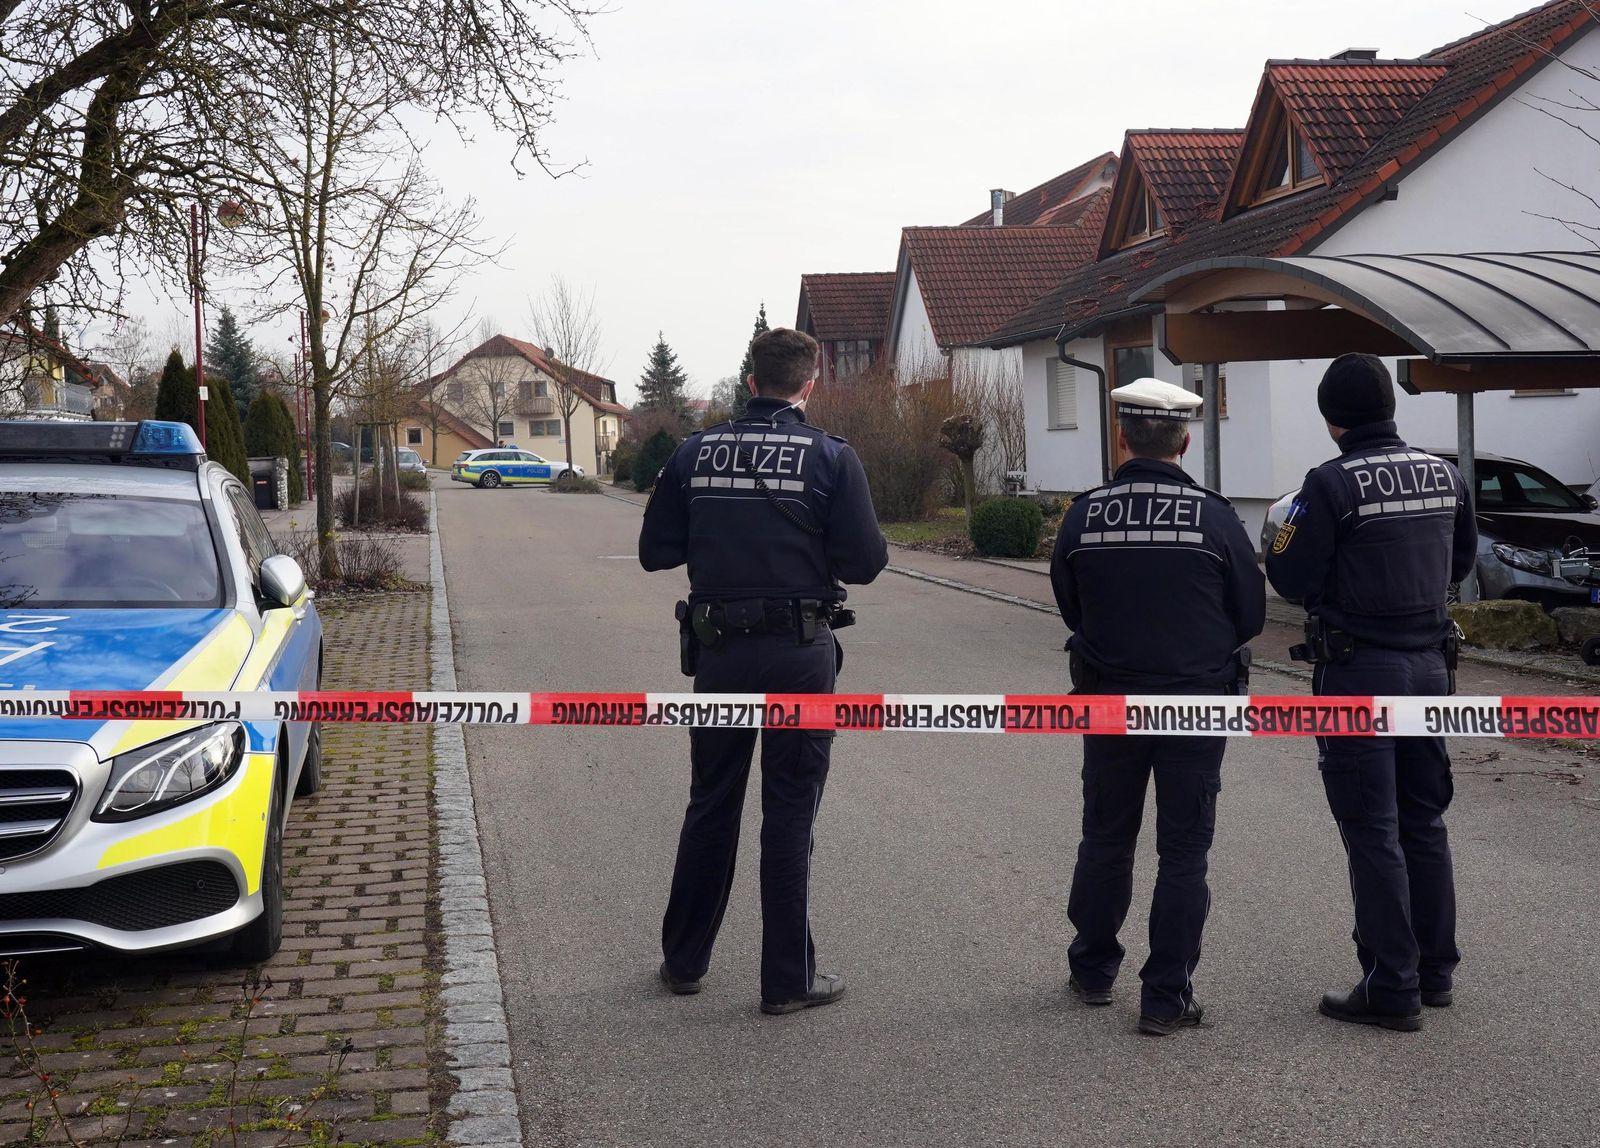 Wieder Polizeieinsatz in Rot am See